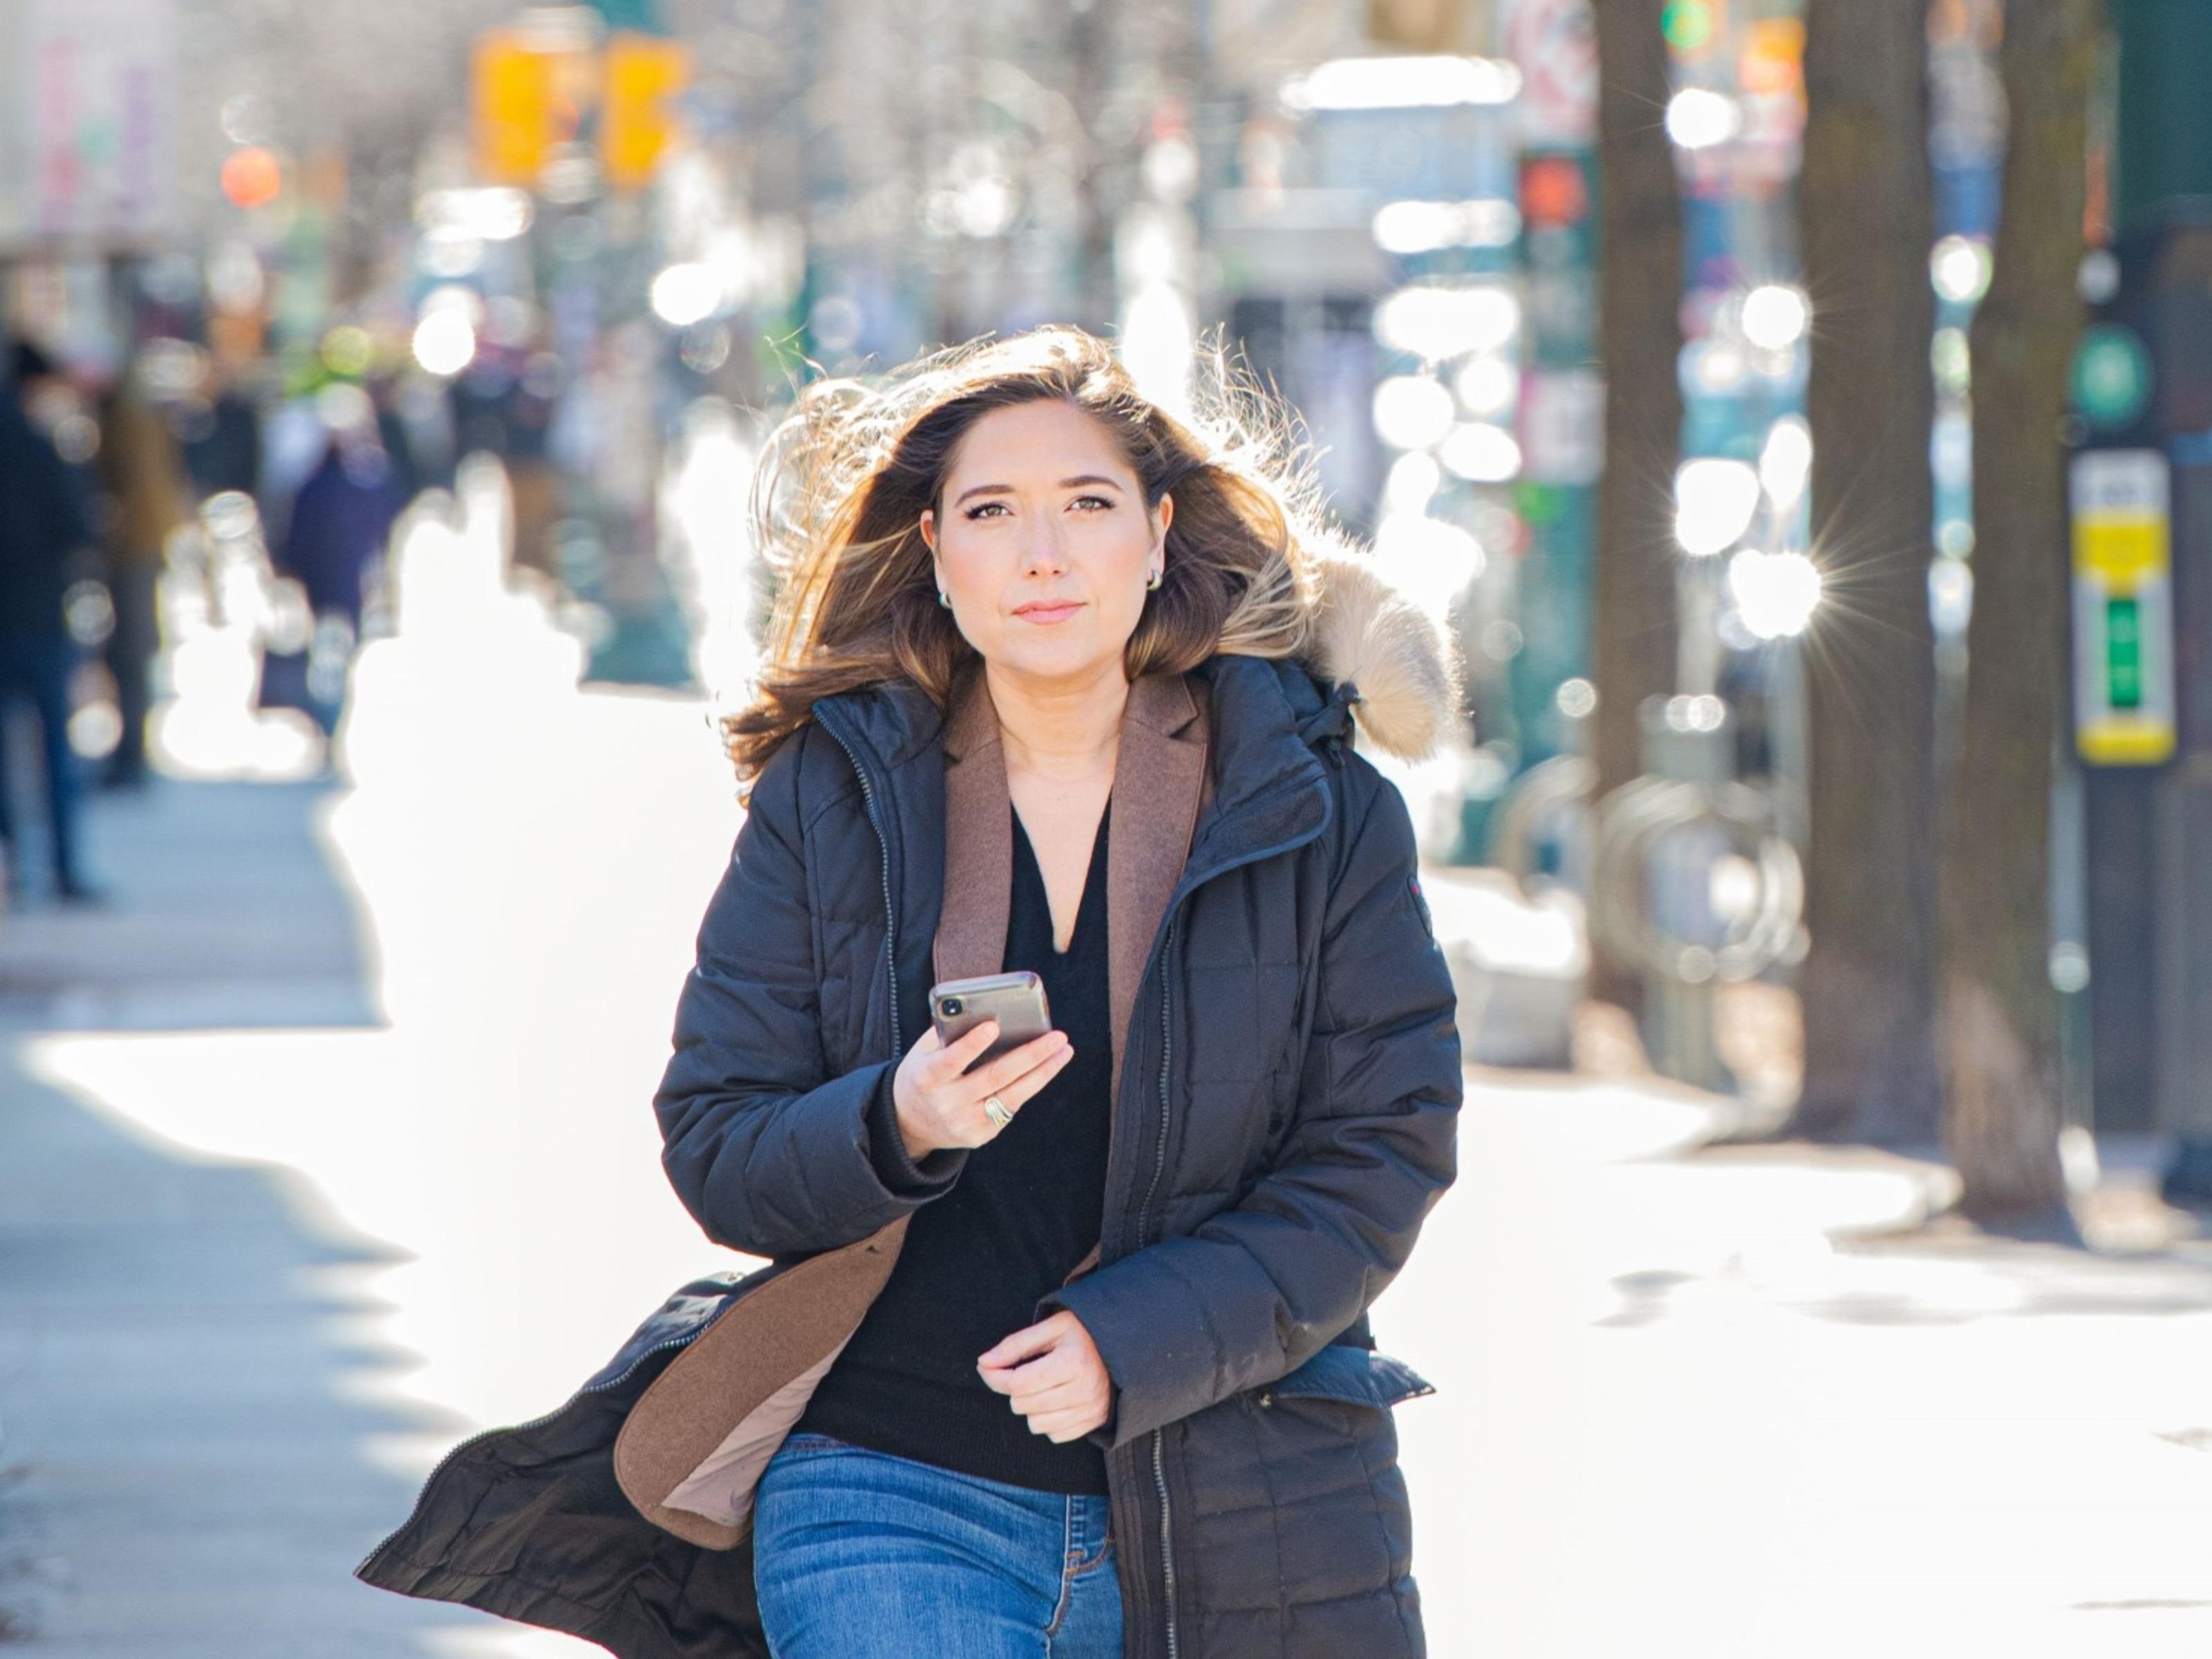 Toronto-based entrepreneur and investor Sarah Prevette